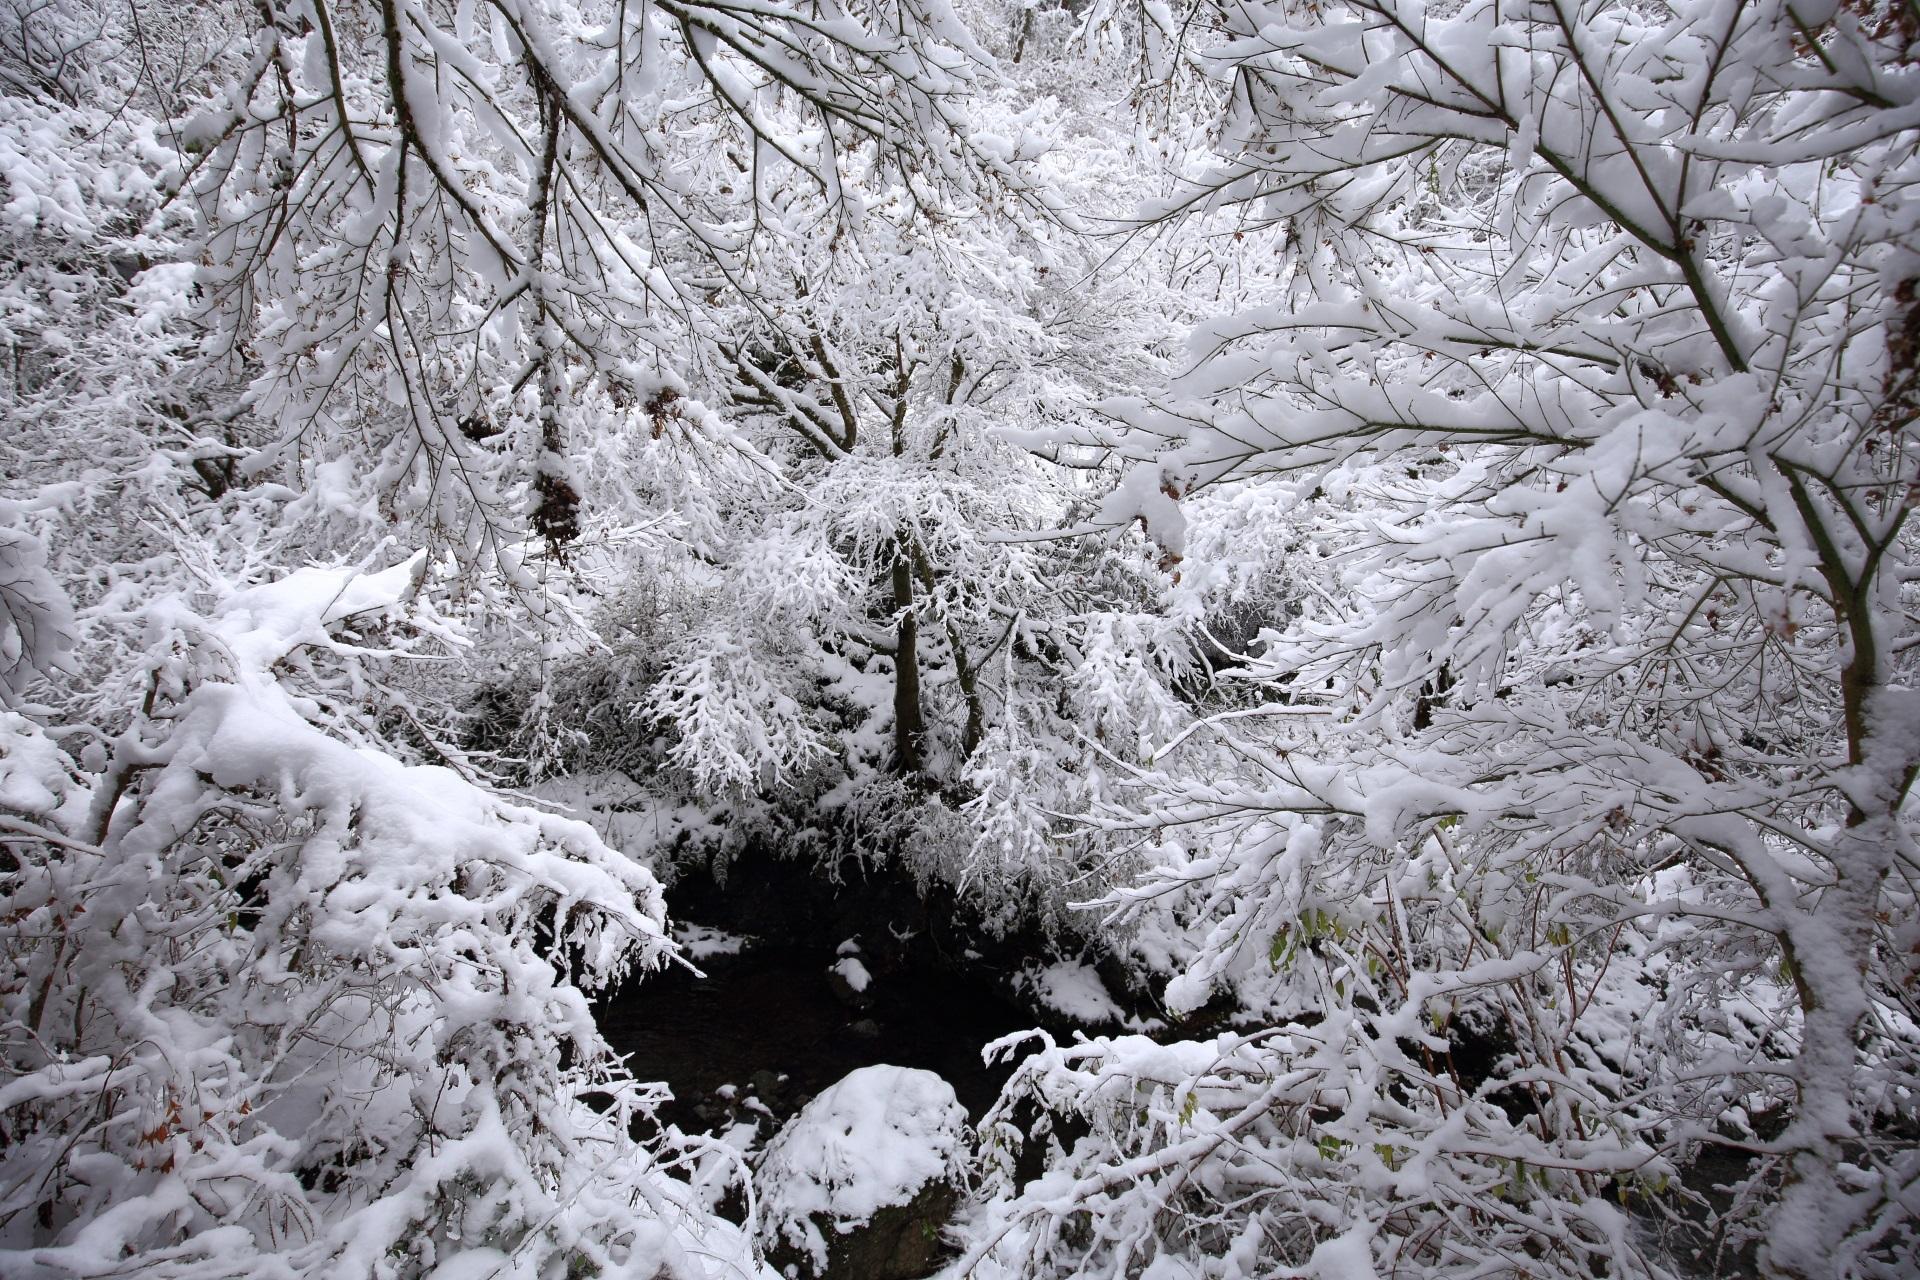 貴船川の凄すぎる雪景色